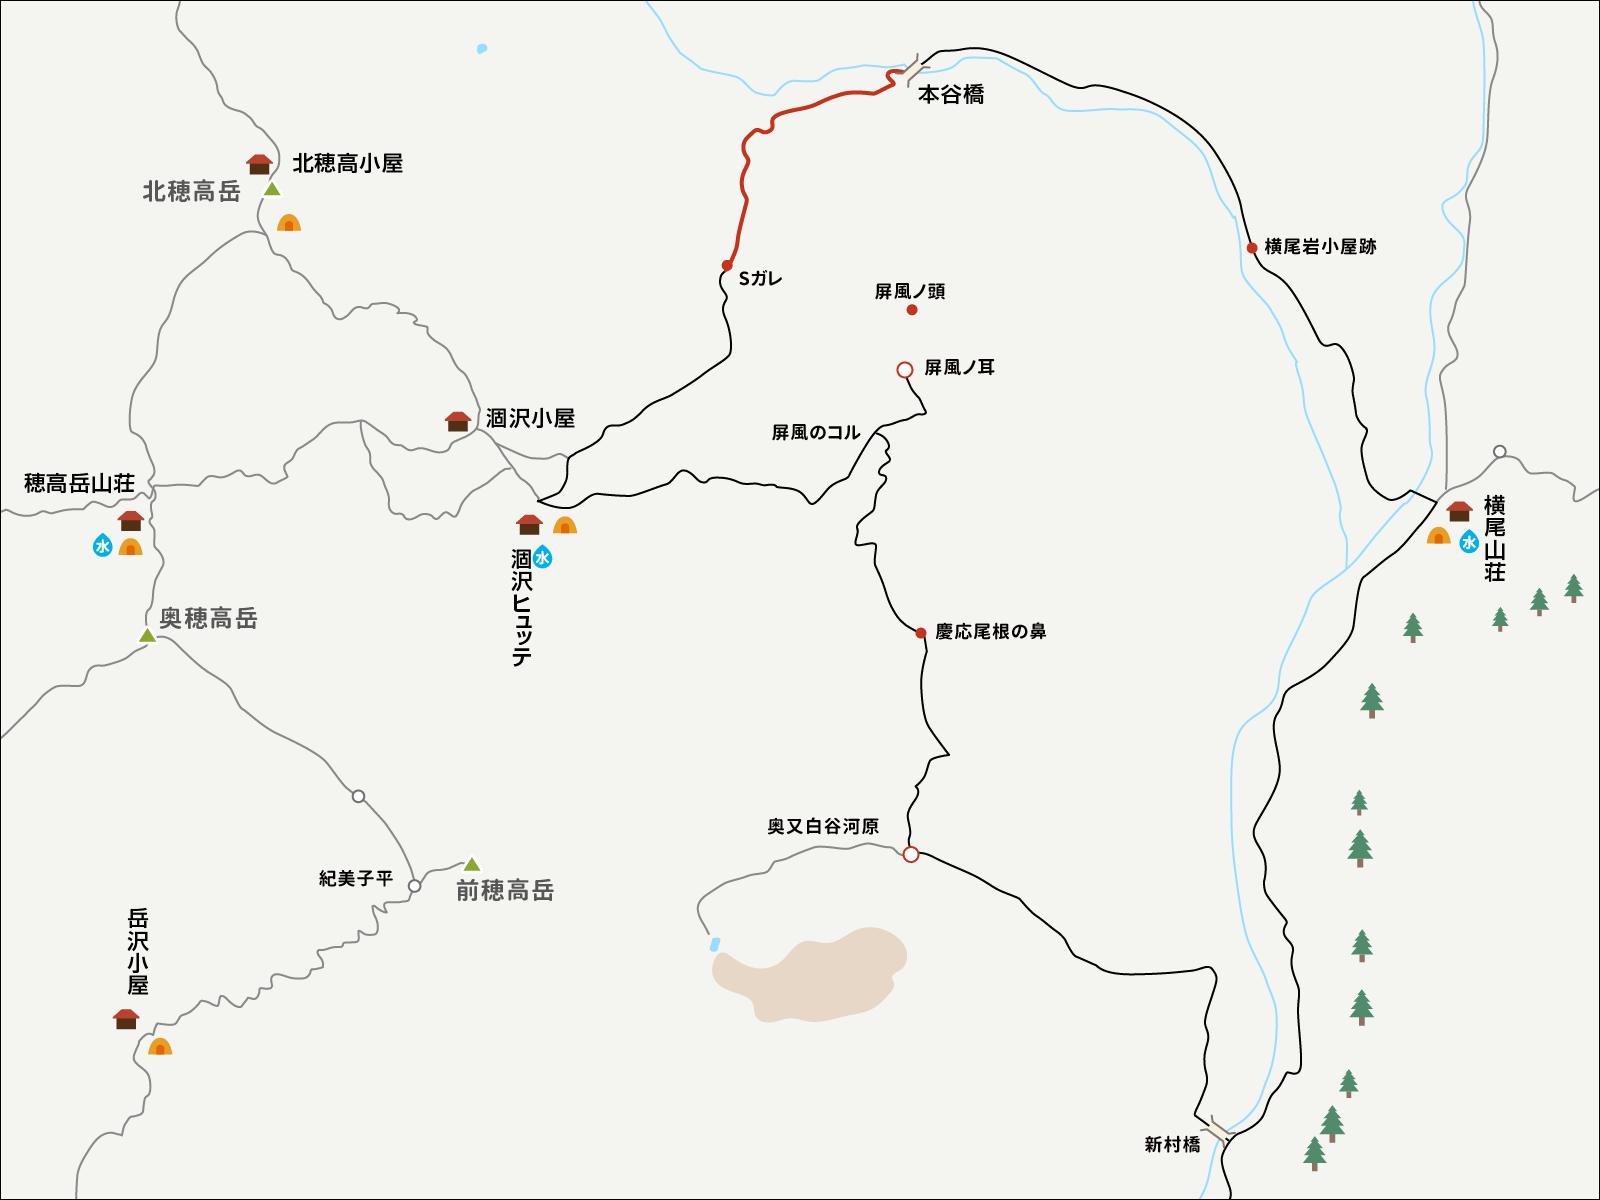 涸沢で単独テント泊&パノラマルート下山イラストマップ2